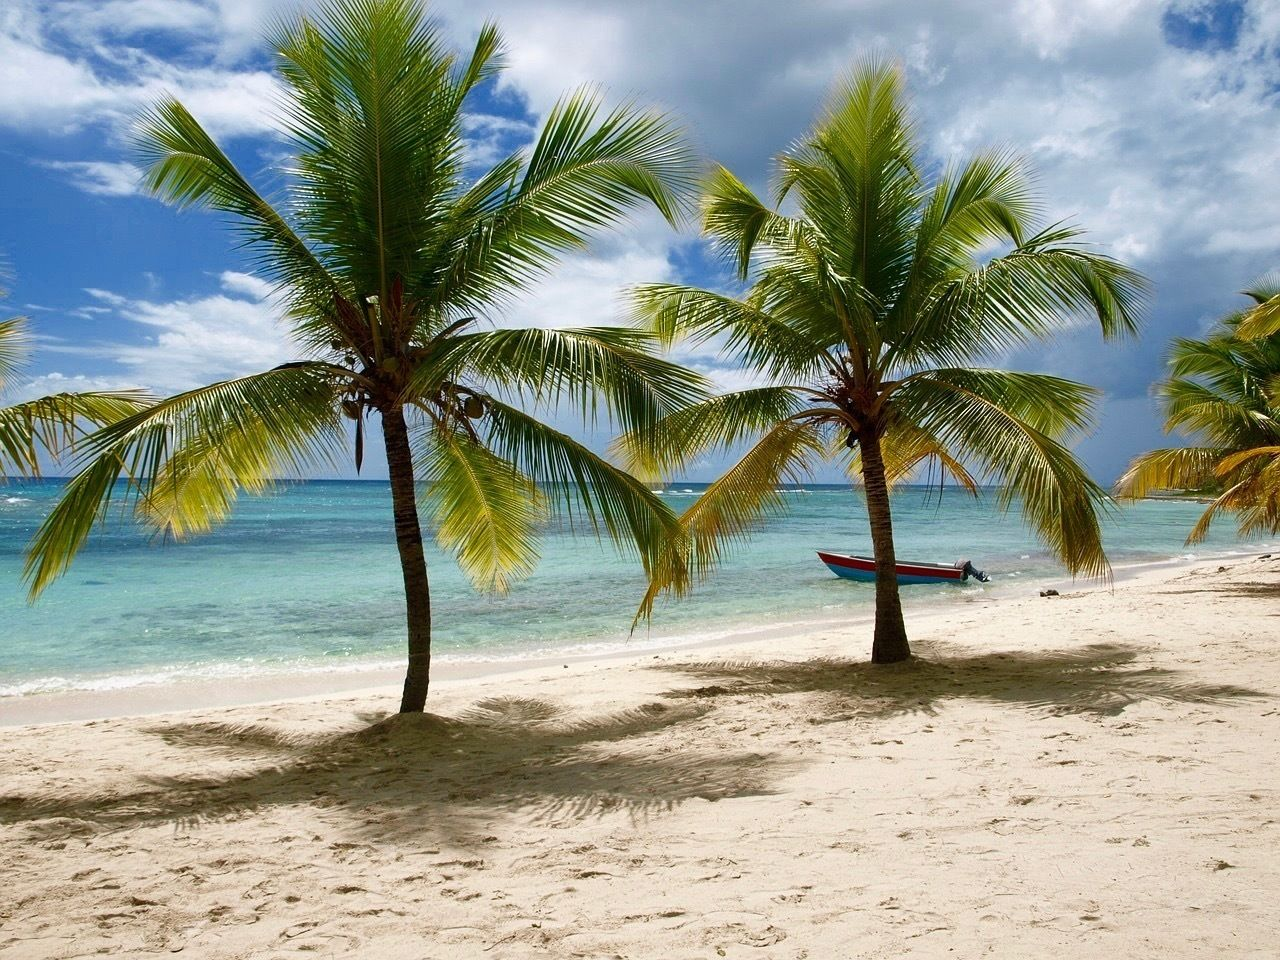 sejour plages paradisiaques